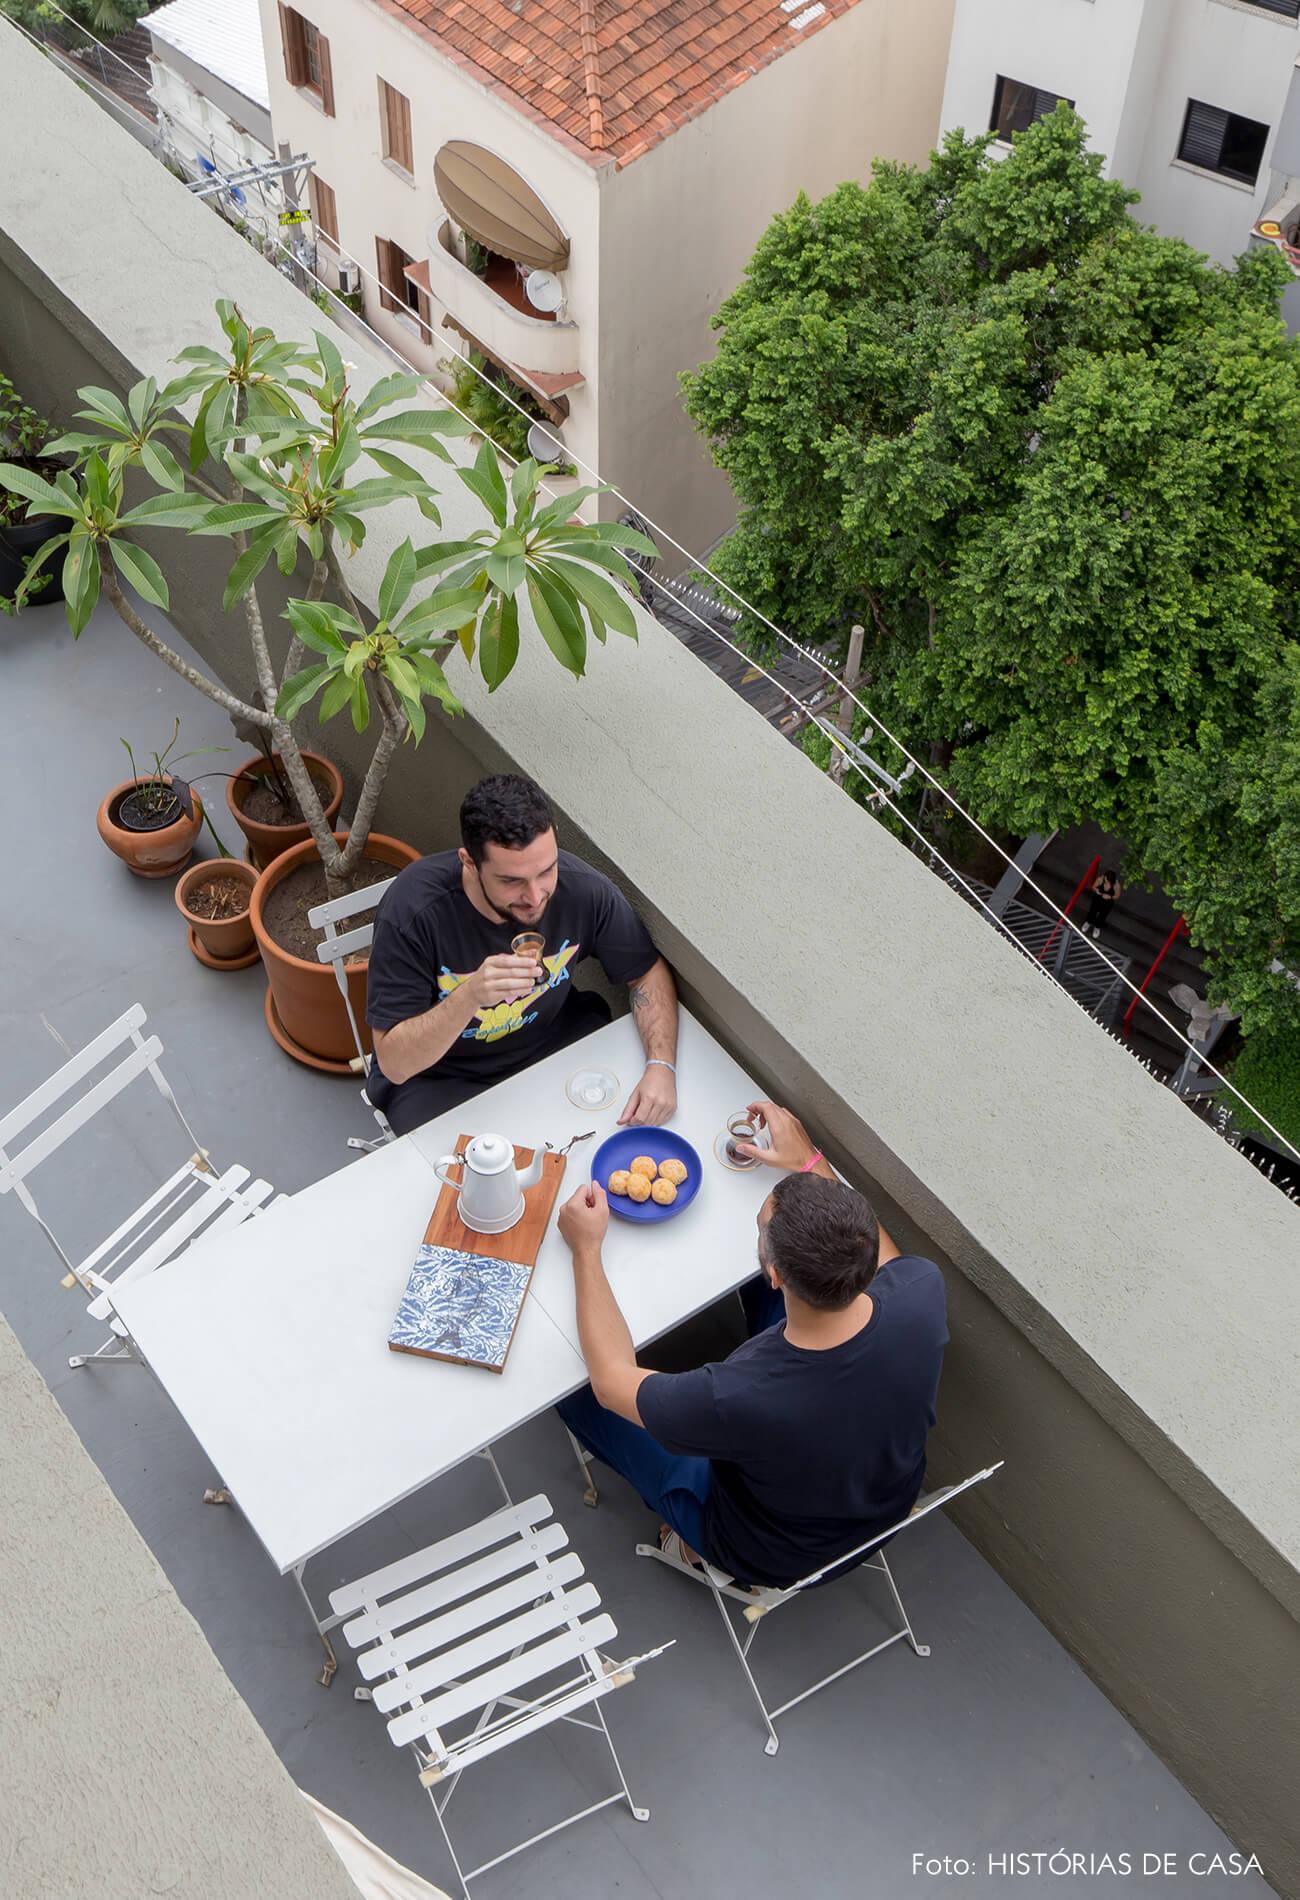 Apartamento no centro de São Paulo com varanda e muitas plantas